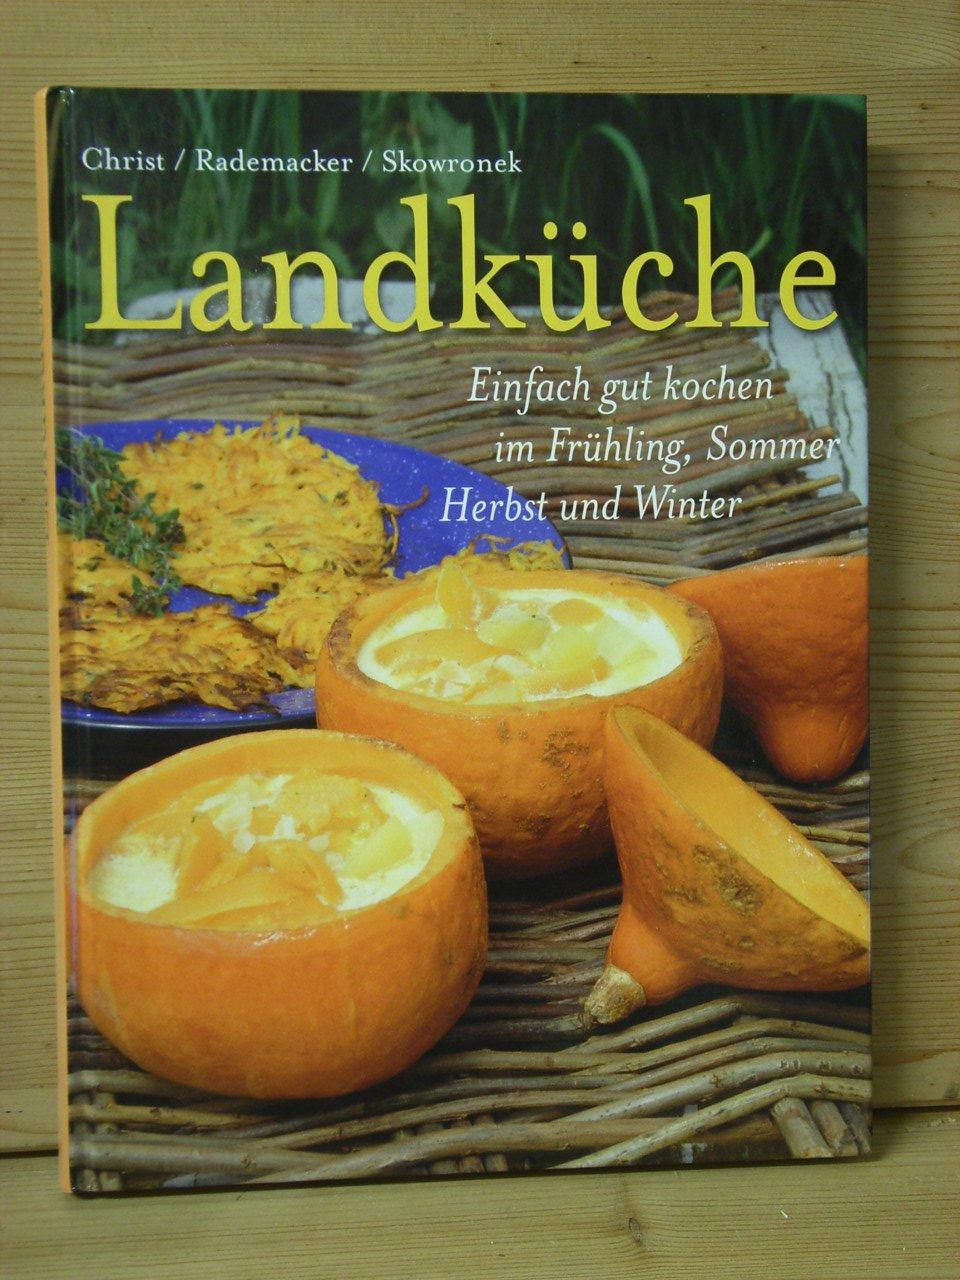 Gemütlich Köche Landküche Galerie - Küchenschrank Ideen - eastbound.info